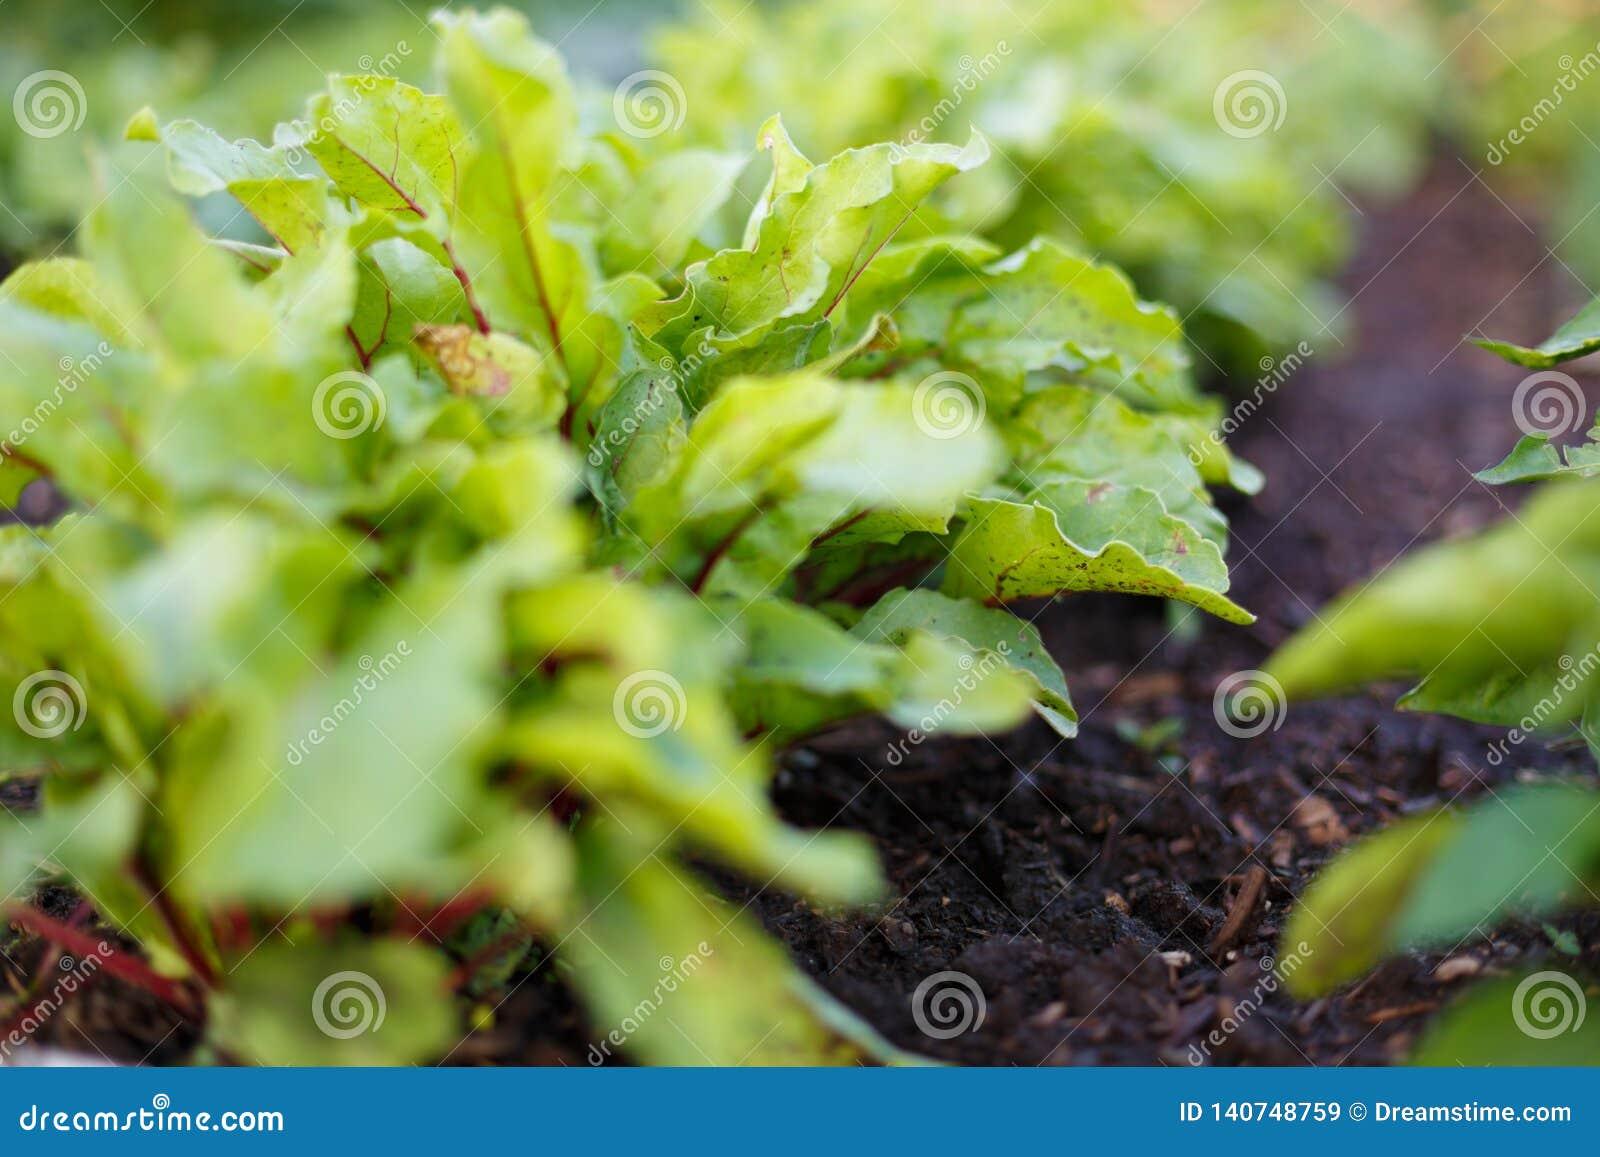 Betagräsplaner växer på grönsaksäng i grönsakträdgården